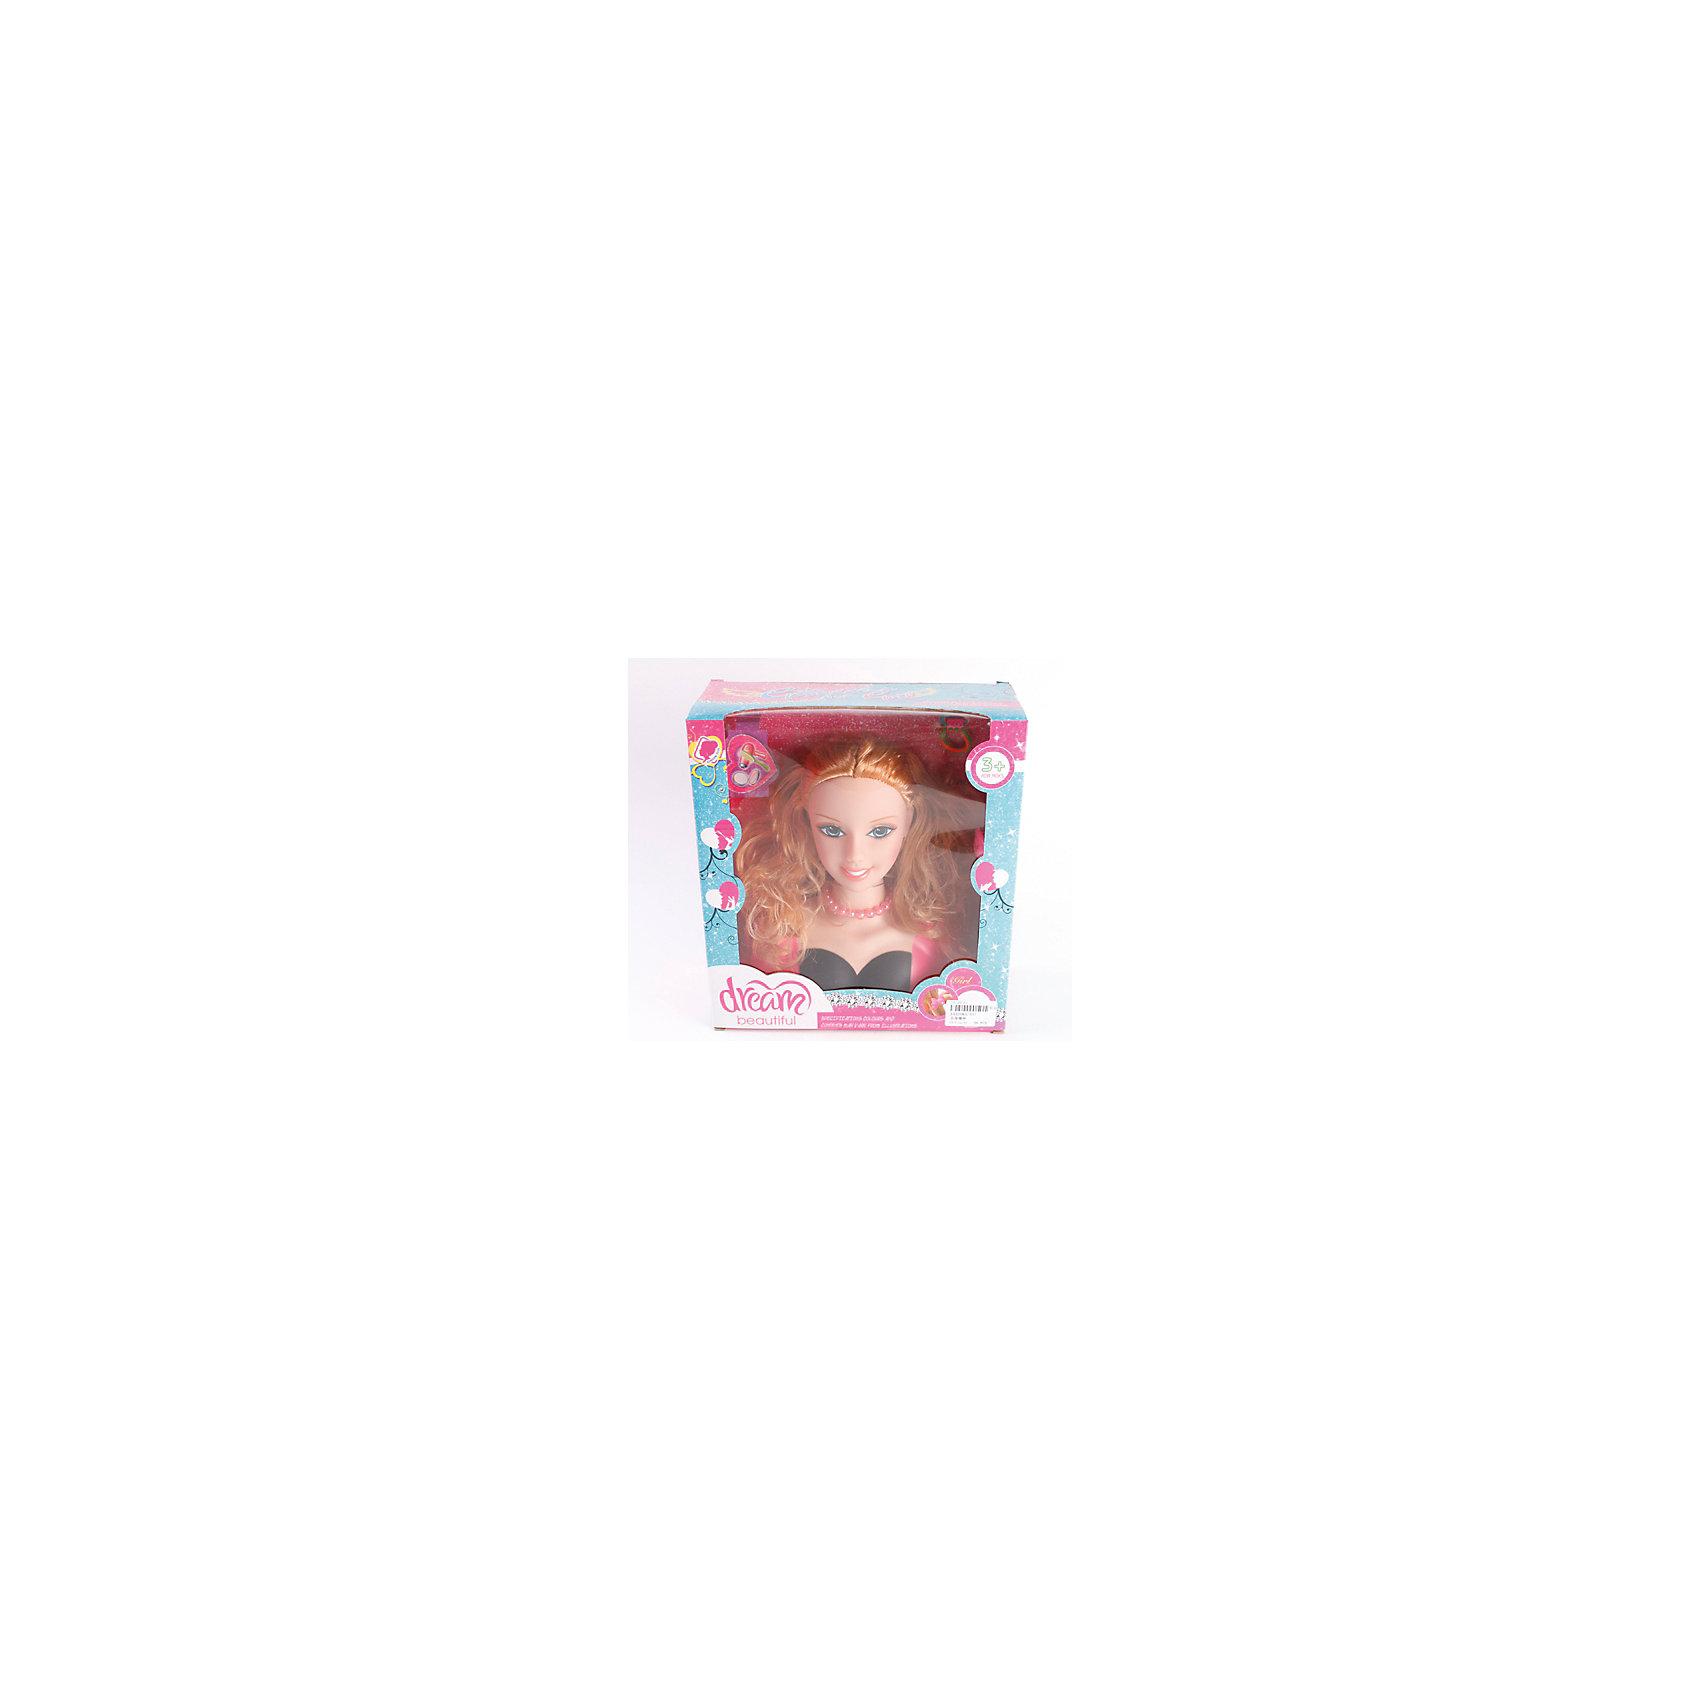 Набор стилиста Мечта-1, Shantou GepaiНабор стилиста Мечта-1, Shantou Gepai.<br><br>Характеристики:<br><br>• В наборе: кукла-манекен (бюст) с аксессуарами<br>• Материал: пластик, текстиль<br>• Упаковка: картонная коробка блистерного типа<br>• Размер упаковки: 23,5х10,5х25,5 см.<br><br>Кукла-манекен - подарок для девочки, которая готовится войти в мир взрослой моды! Куклу можно расчесывать и делать ей различные прически. Ваша девочка сможет вообразить себя профессиональным стилистом в собственном салоне красоты и увлекательно провести время за интересными играми на тему парикмахерской.<br><br>Набор стилиста Мечта-1, Shantou Gepai можно купить в нашем интернет-магазине.<br><br>Ширина мм: 235<br>Глубина мм: 105<br>Высота мм: 255<br>Вес г: 492<br>Возраст от месяцев: 36<br>Возраст до месяцев: 2147483647<br>Пол: Женский<br>Возраст: Детский<br>SKU: 5450226